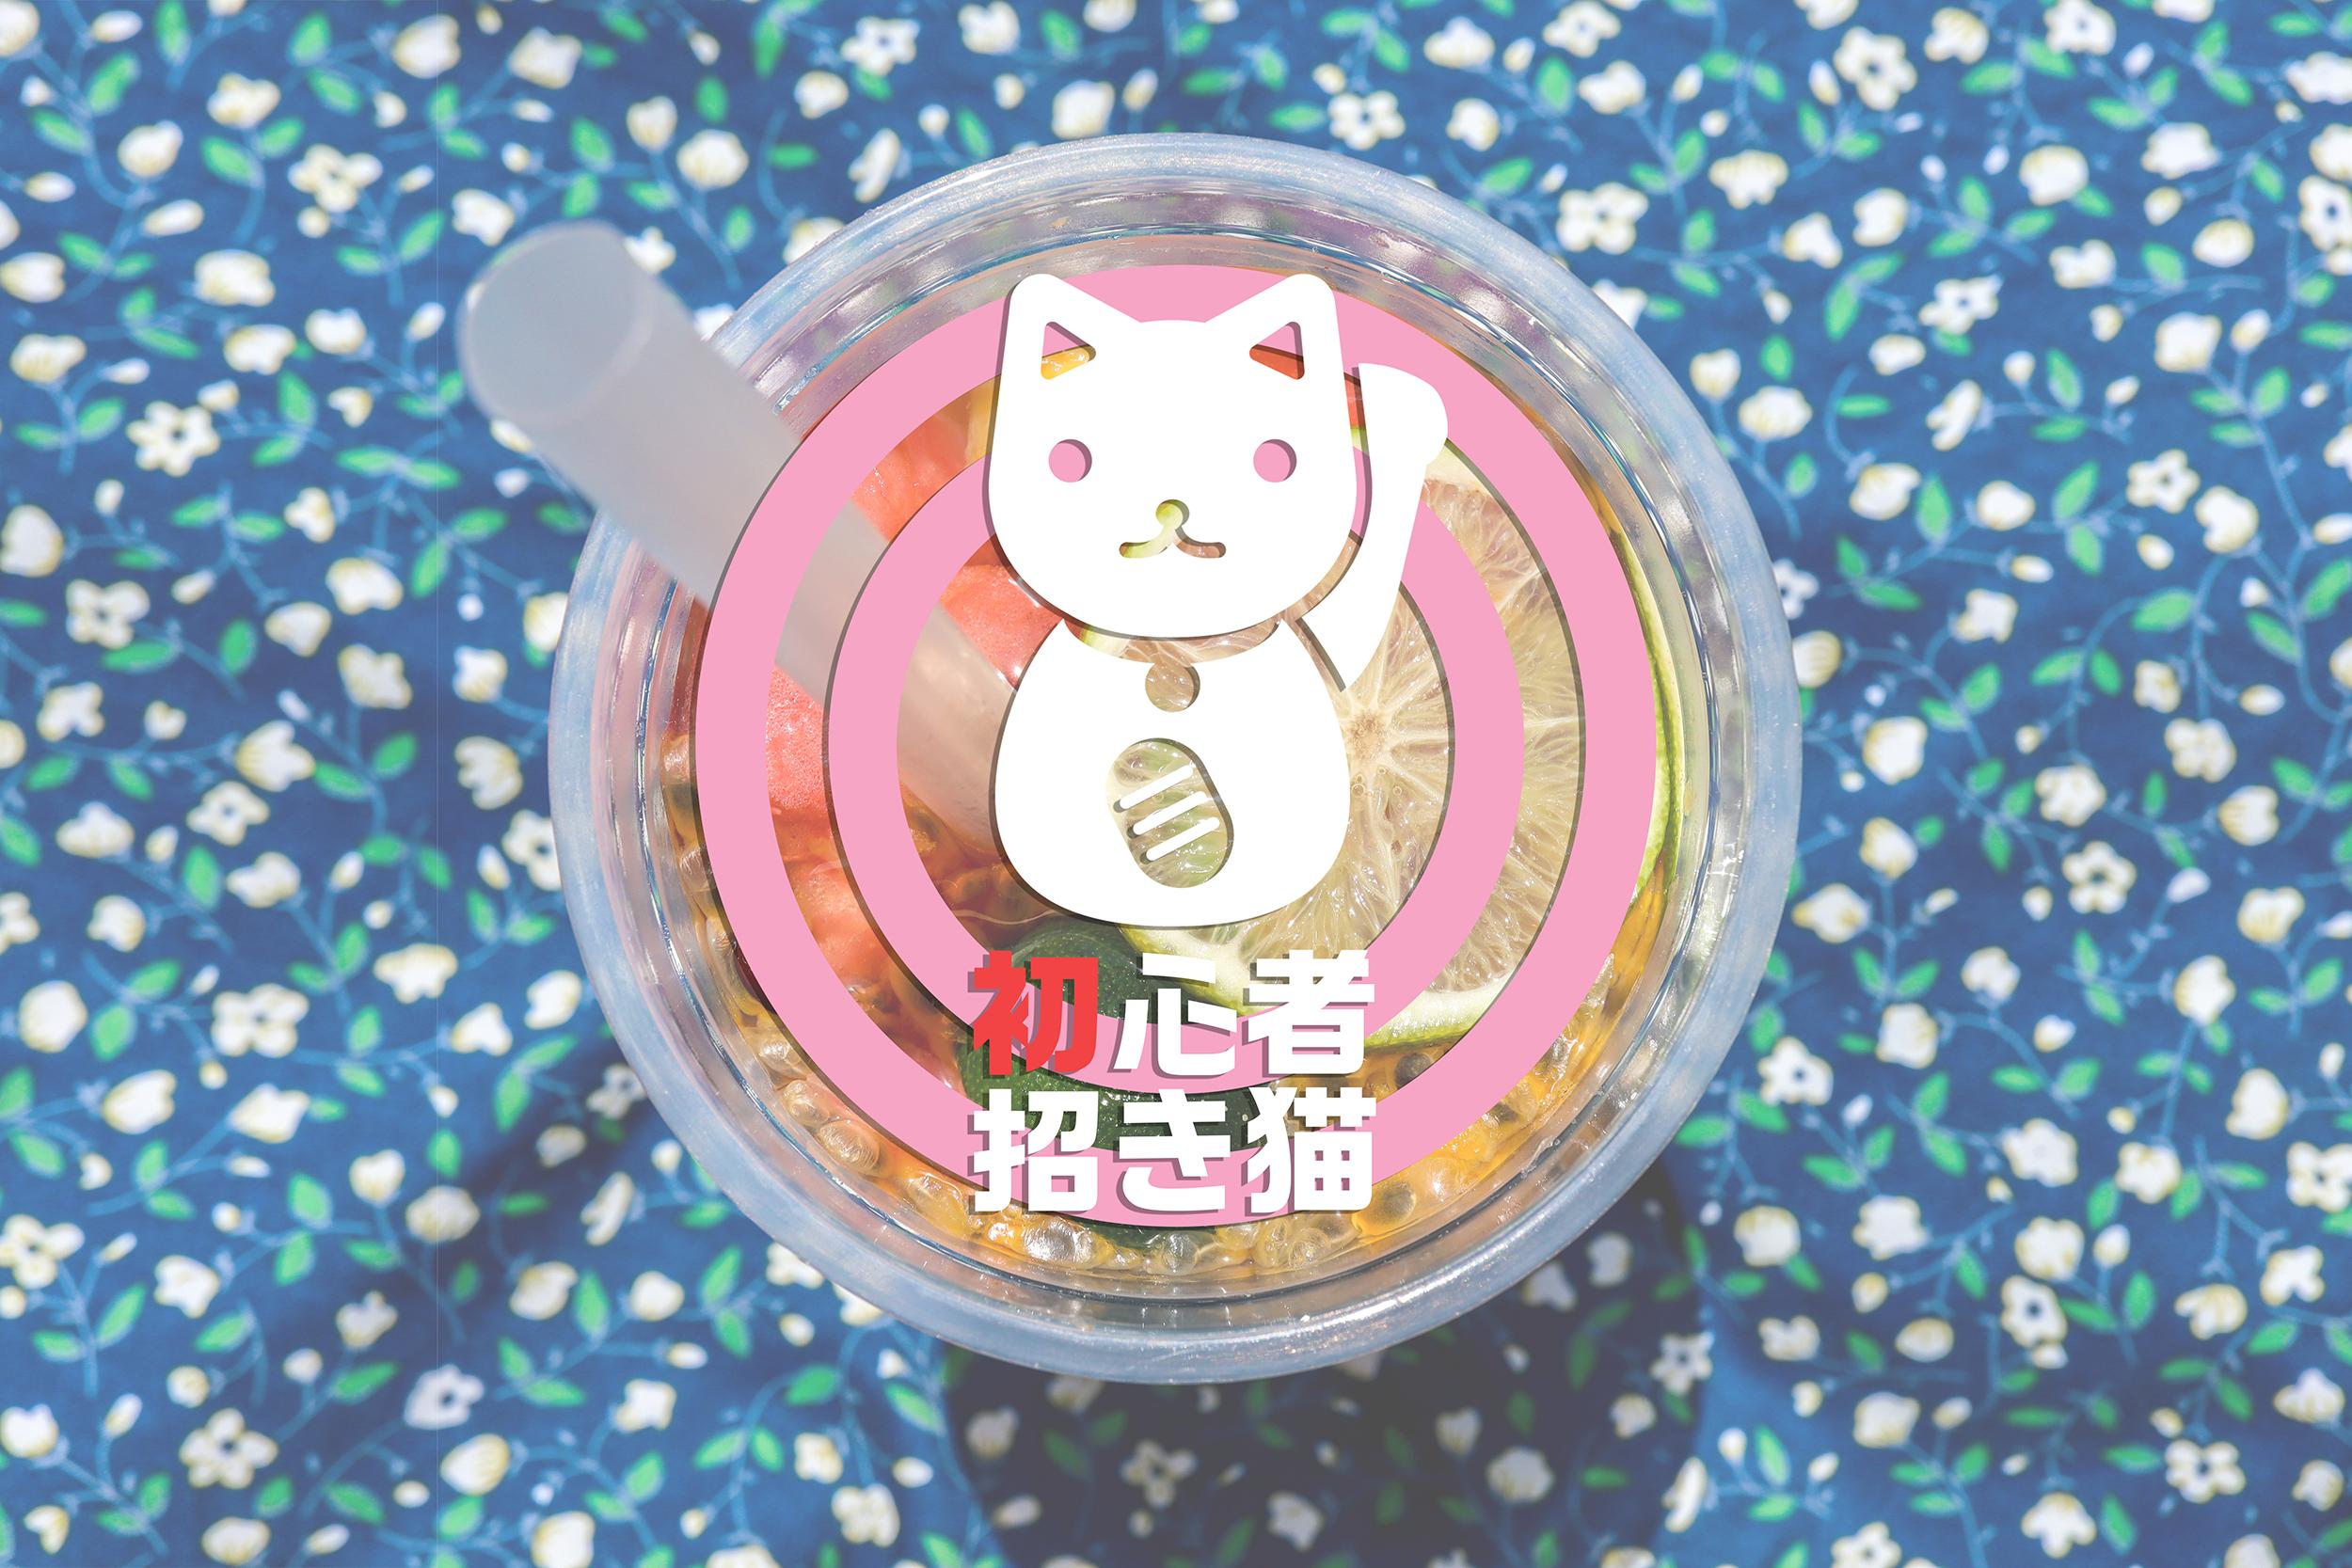 【カメラ初心者 招き猫#3】ドリンクを魅力的に撮るコツ【Canon】